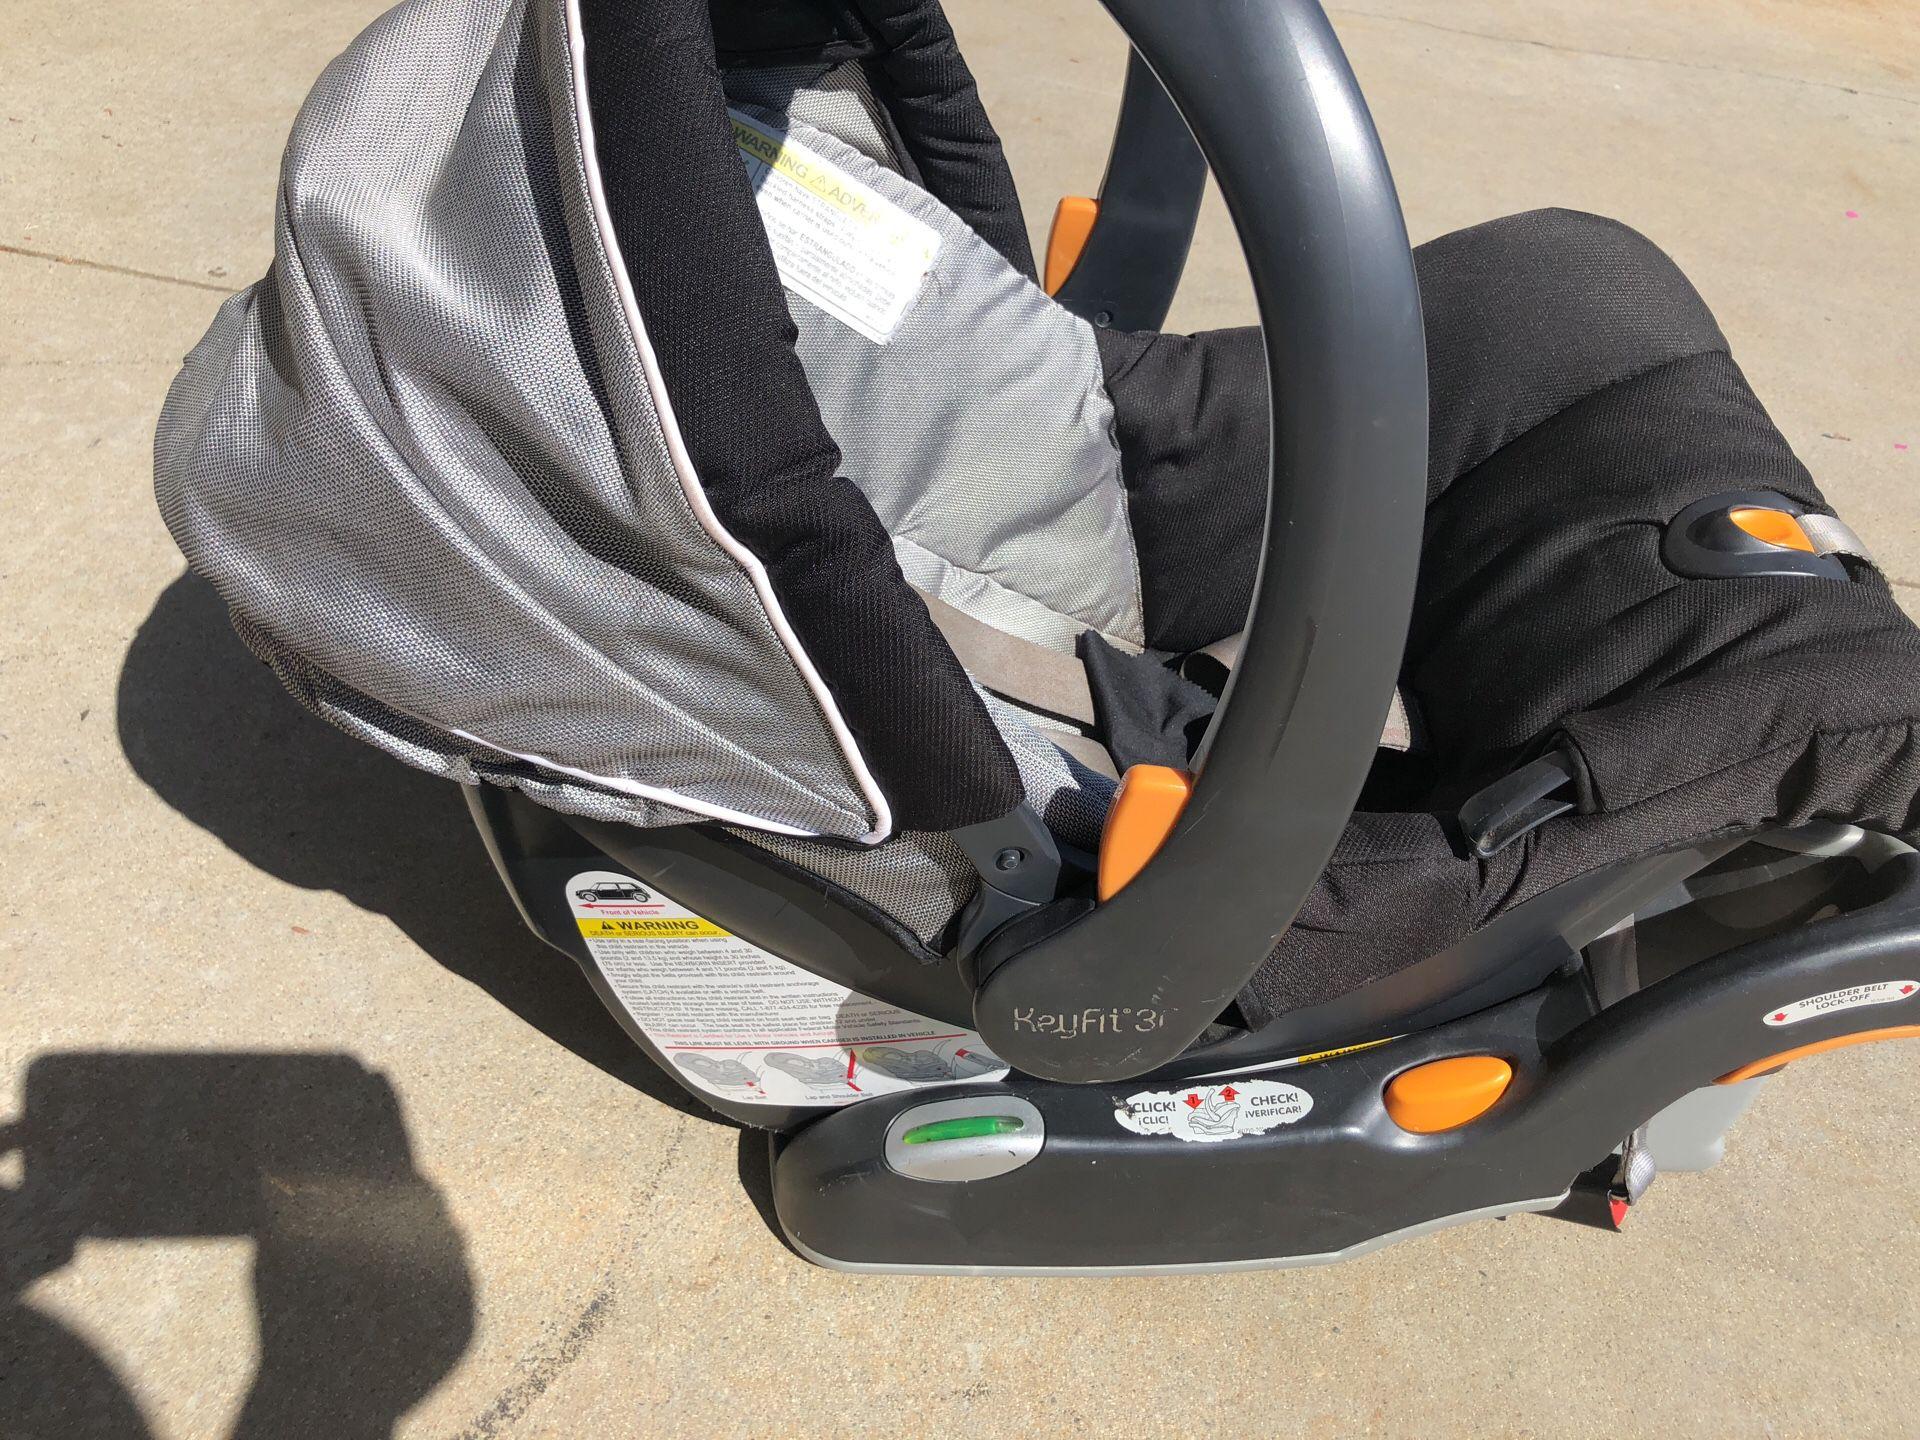 Car seat $15